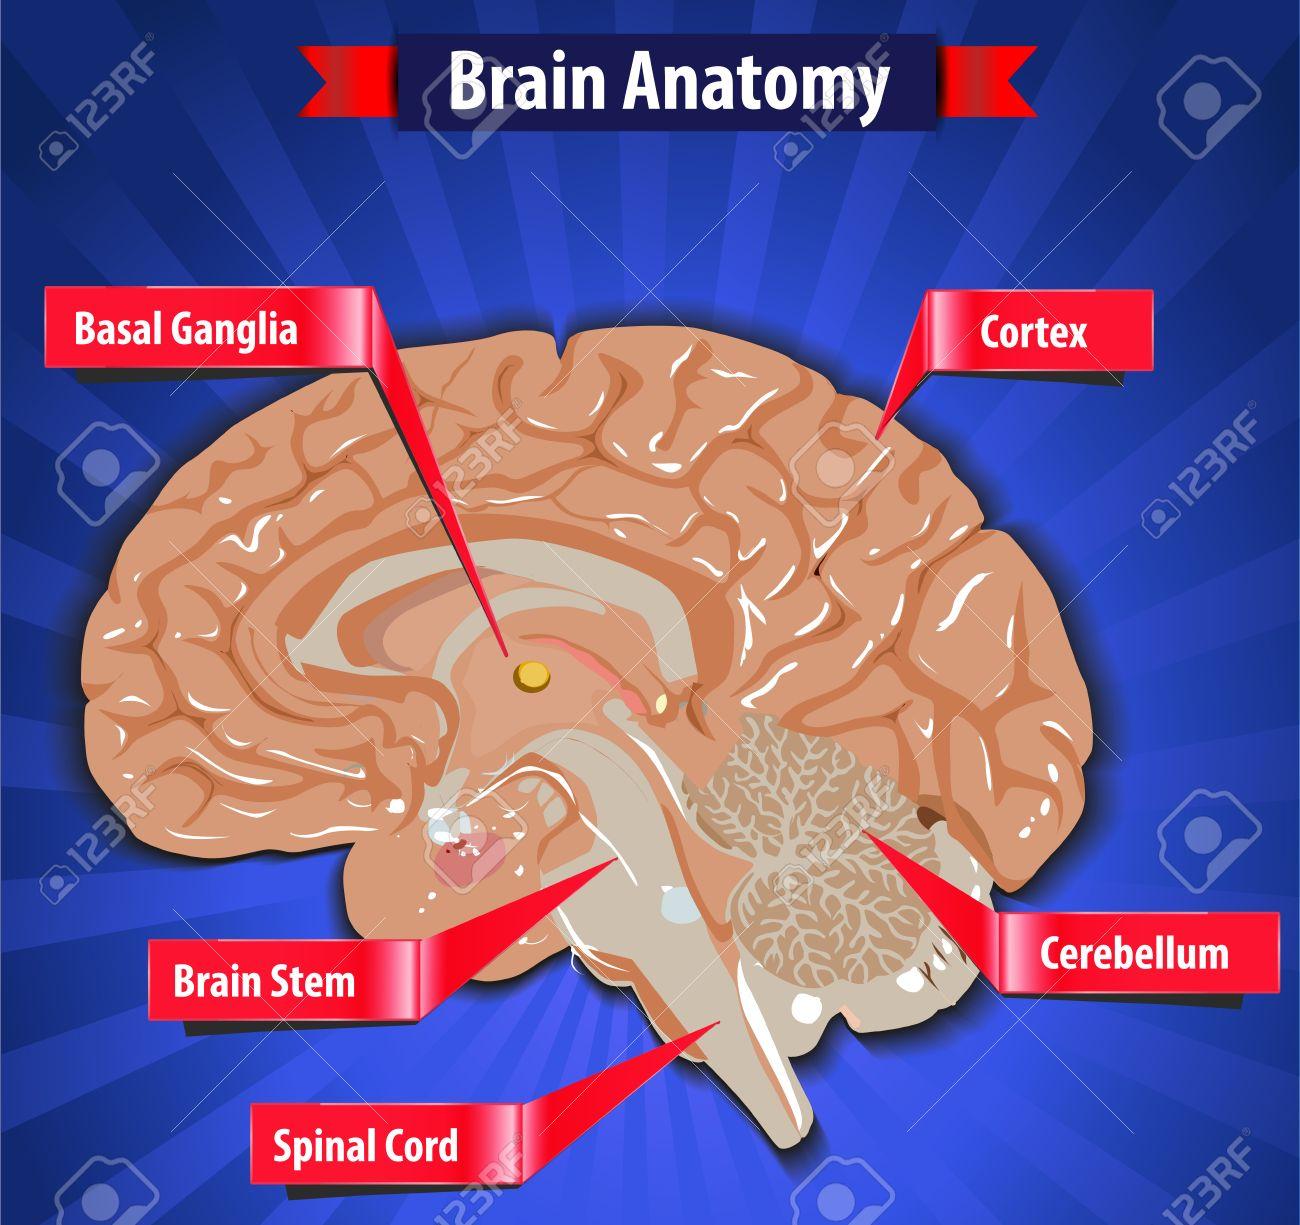 La Función Del Cerebro, Anatomía Del Cerebro Humano Con Ganglios ...